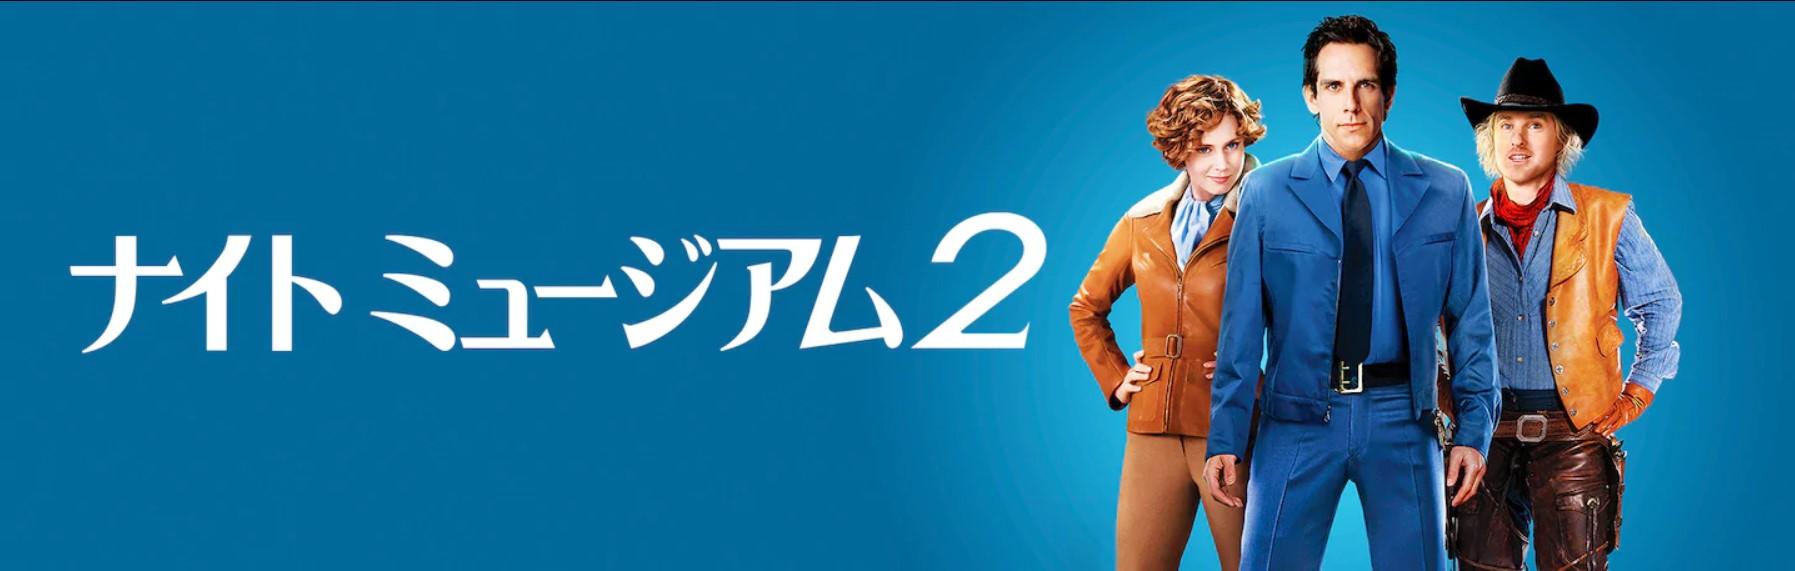 ナイトミュージアム2の動画をフル視聴できる配信サービス14社比較!